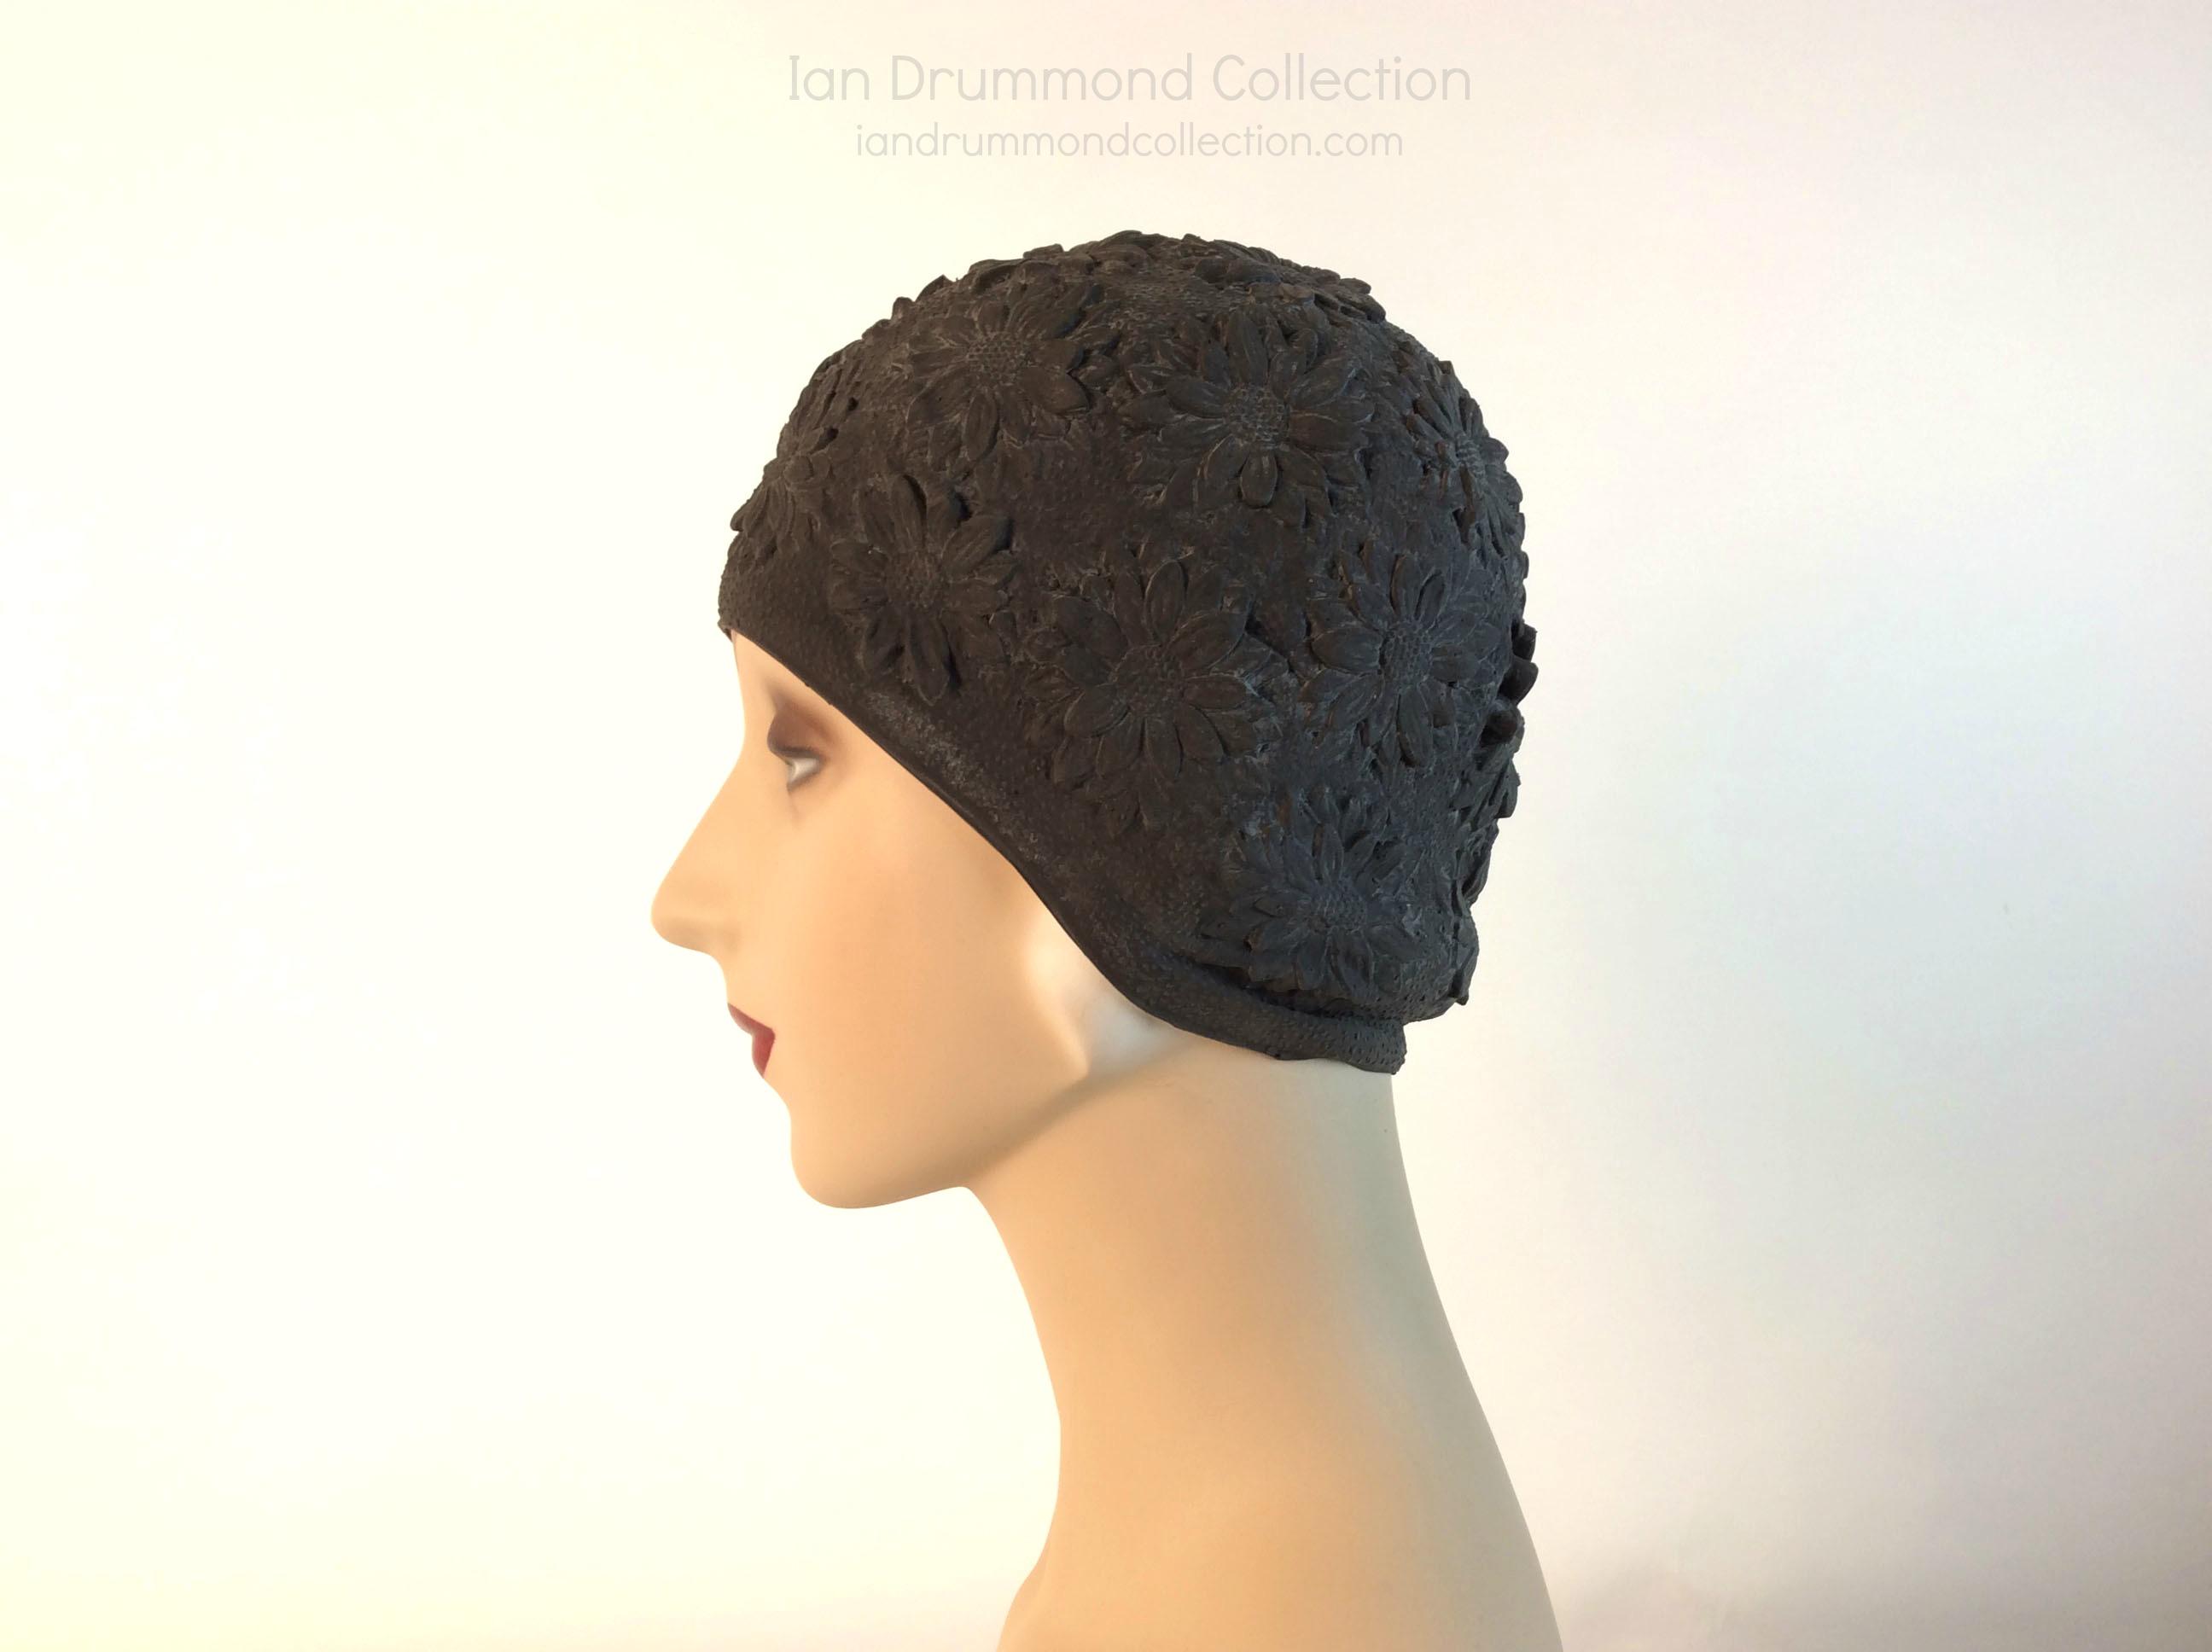 IDC Movie Wardrobe Rental Swim Cap 24 Black With Quilted Flower Design